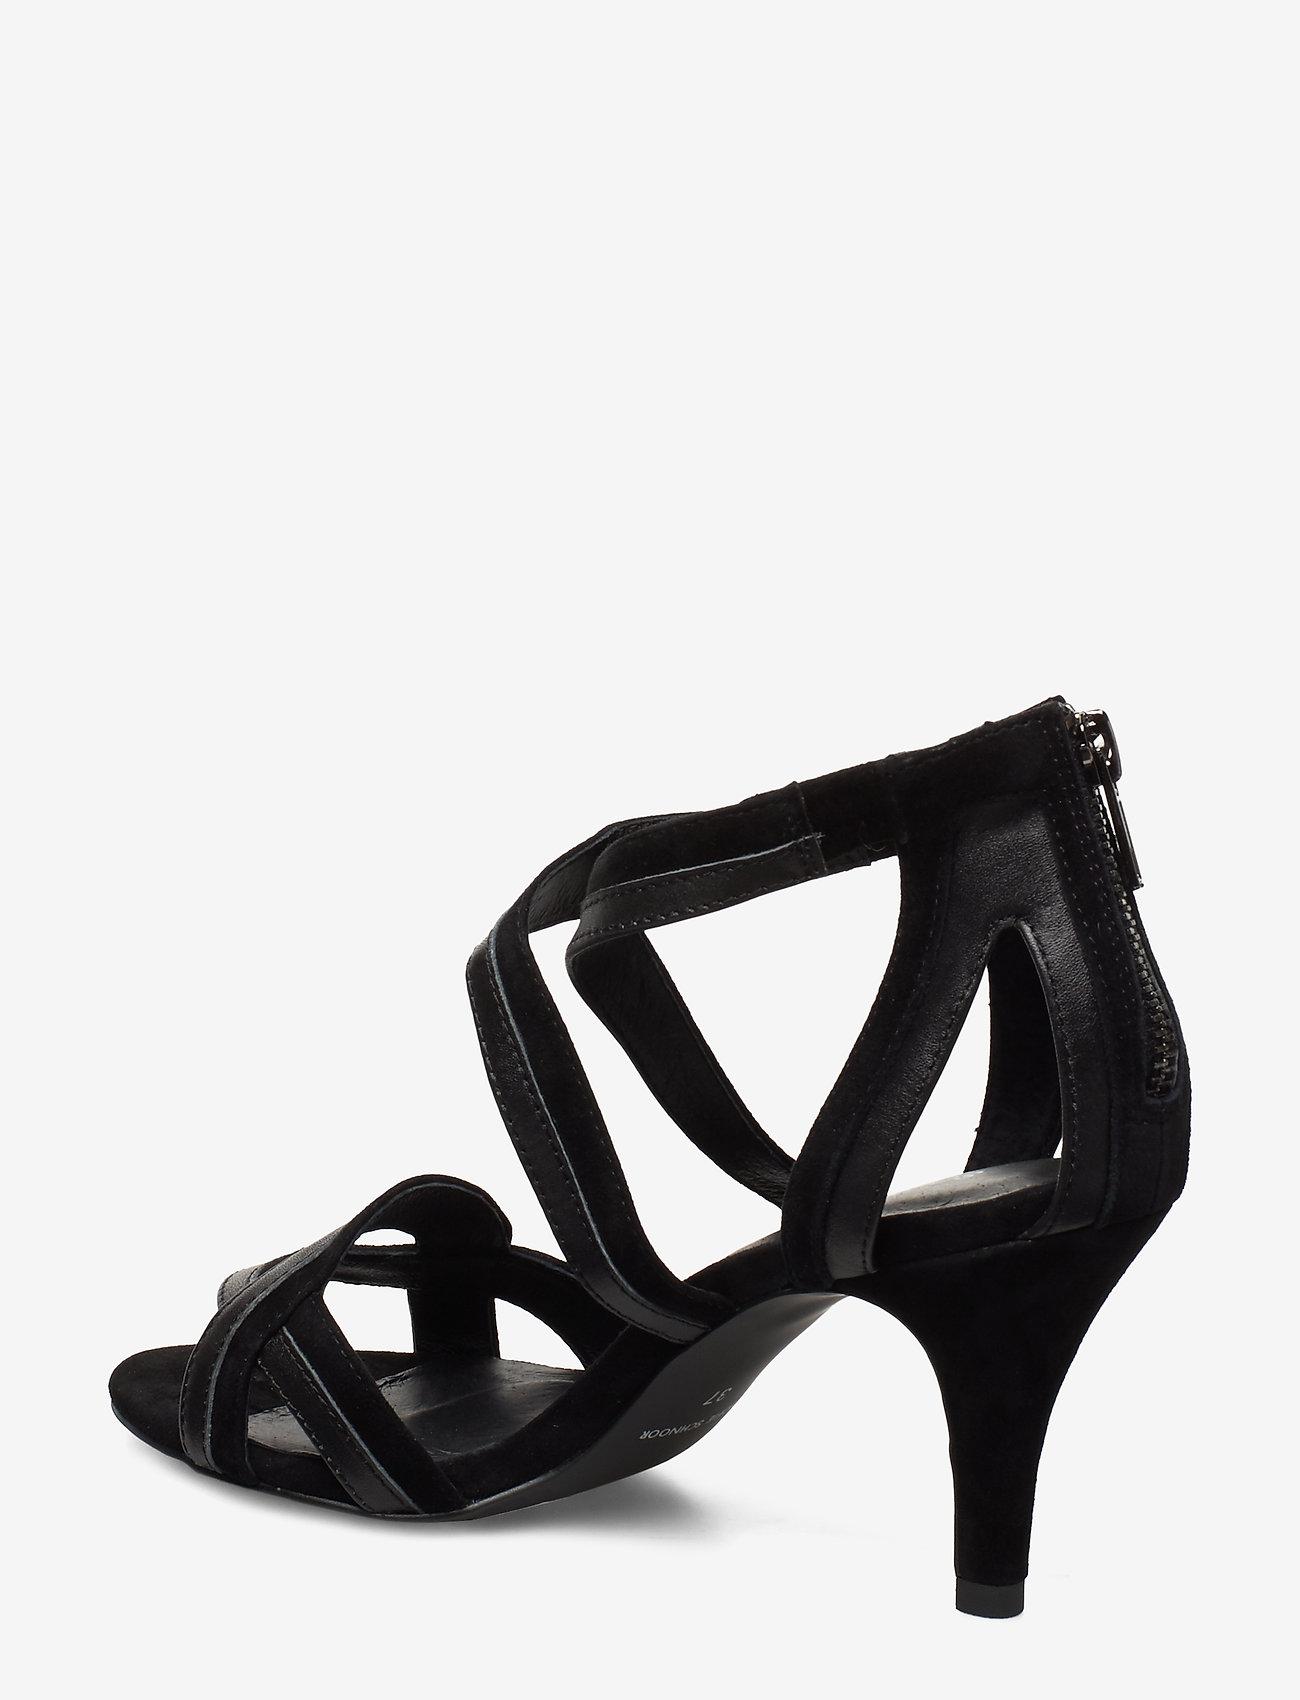 Sandal (Black) - Sofie Schnoor qqlvAH